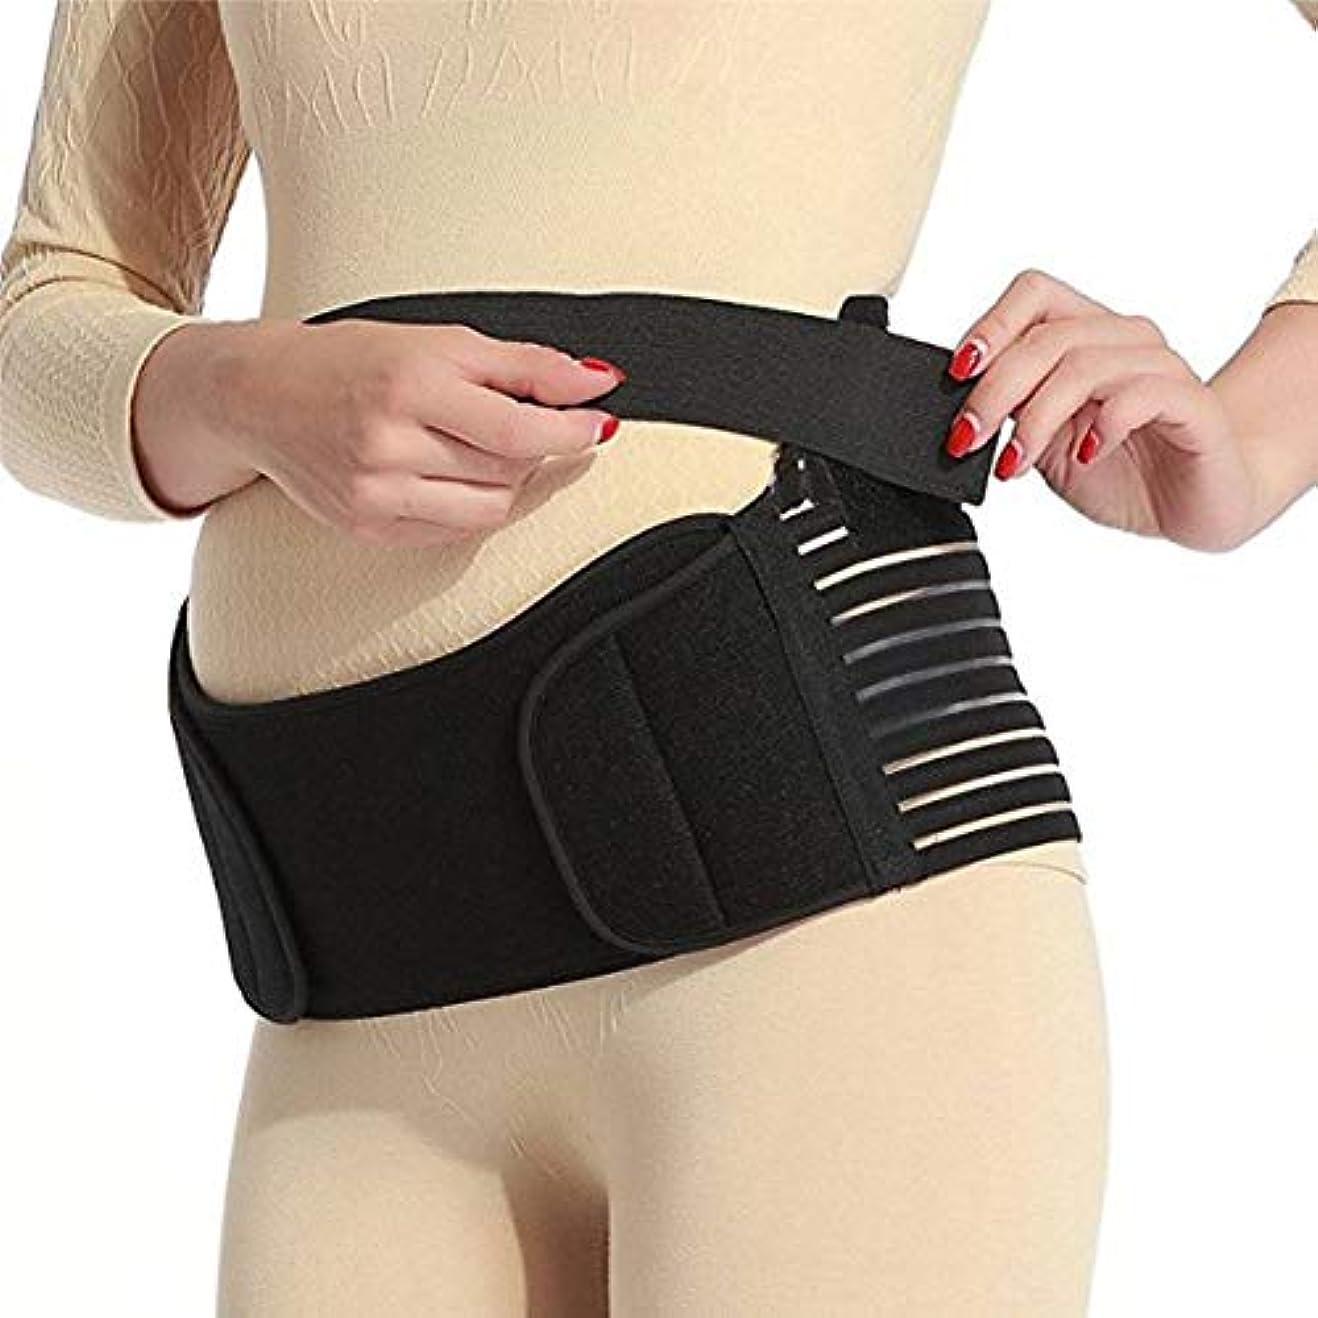 年金受給者トーク石油通気性マタニティベルト妊娠中の腹部サポート腹部バインダーガードル運動包帯産後の回復shapewear - ブラックM